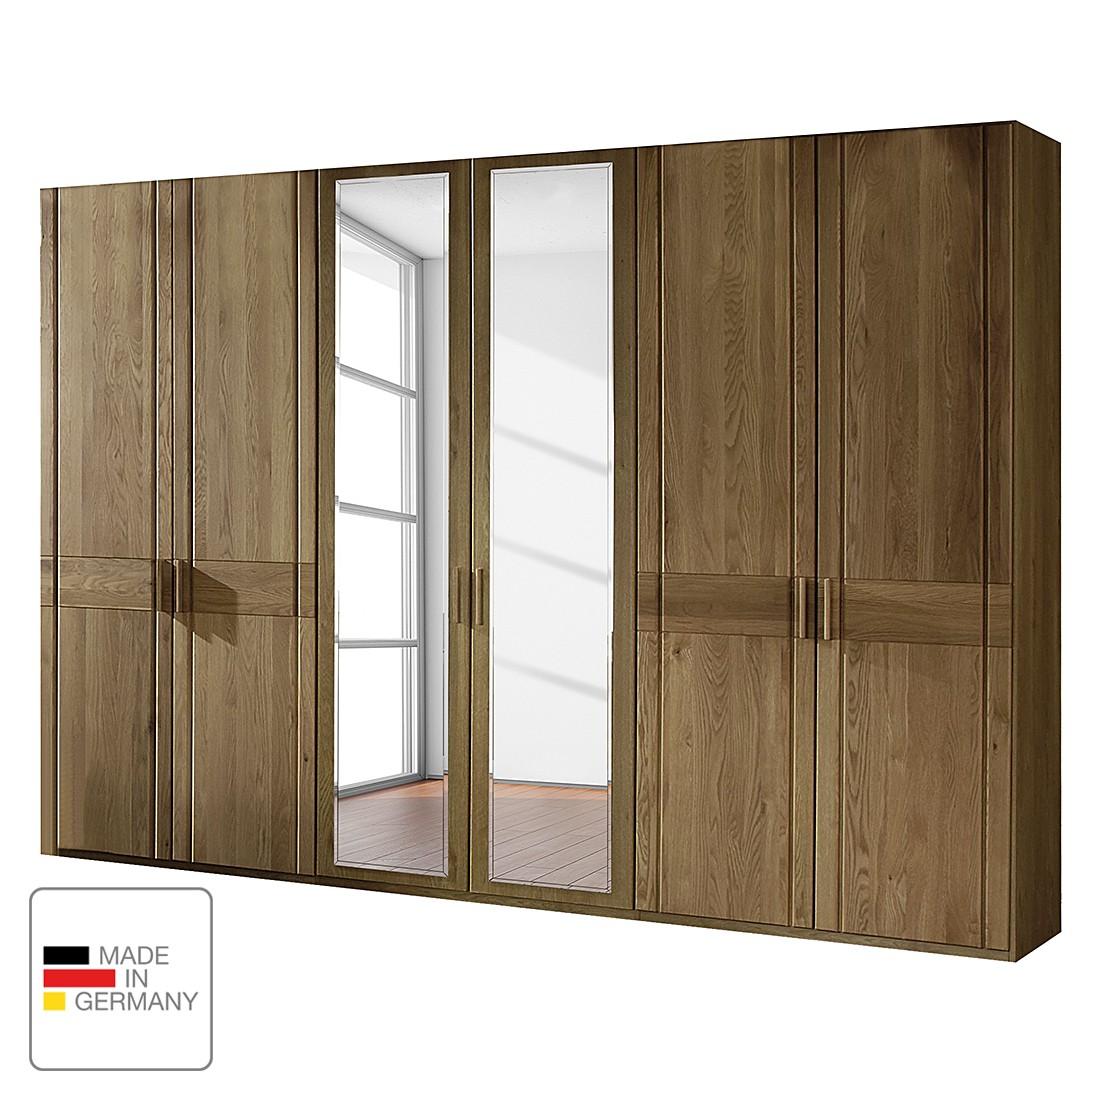 goedkoop Draaideurkast Münster deels massief eikenhout Zonder verlichting 400cm 8 deurs 2 spiegeldeuren Zonder kroonlijst Wiemann